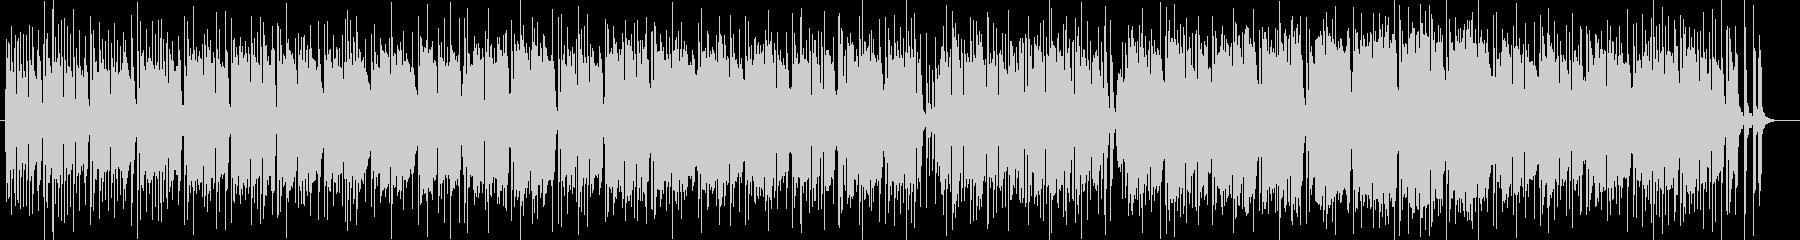 南国の風景の木琴シンセサイザー系サウンドの未再生の波形